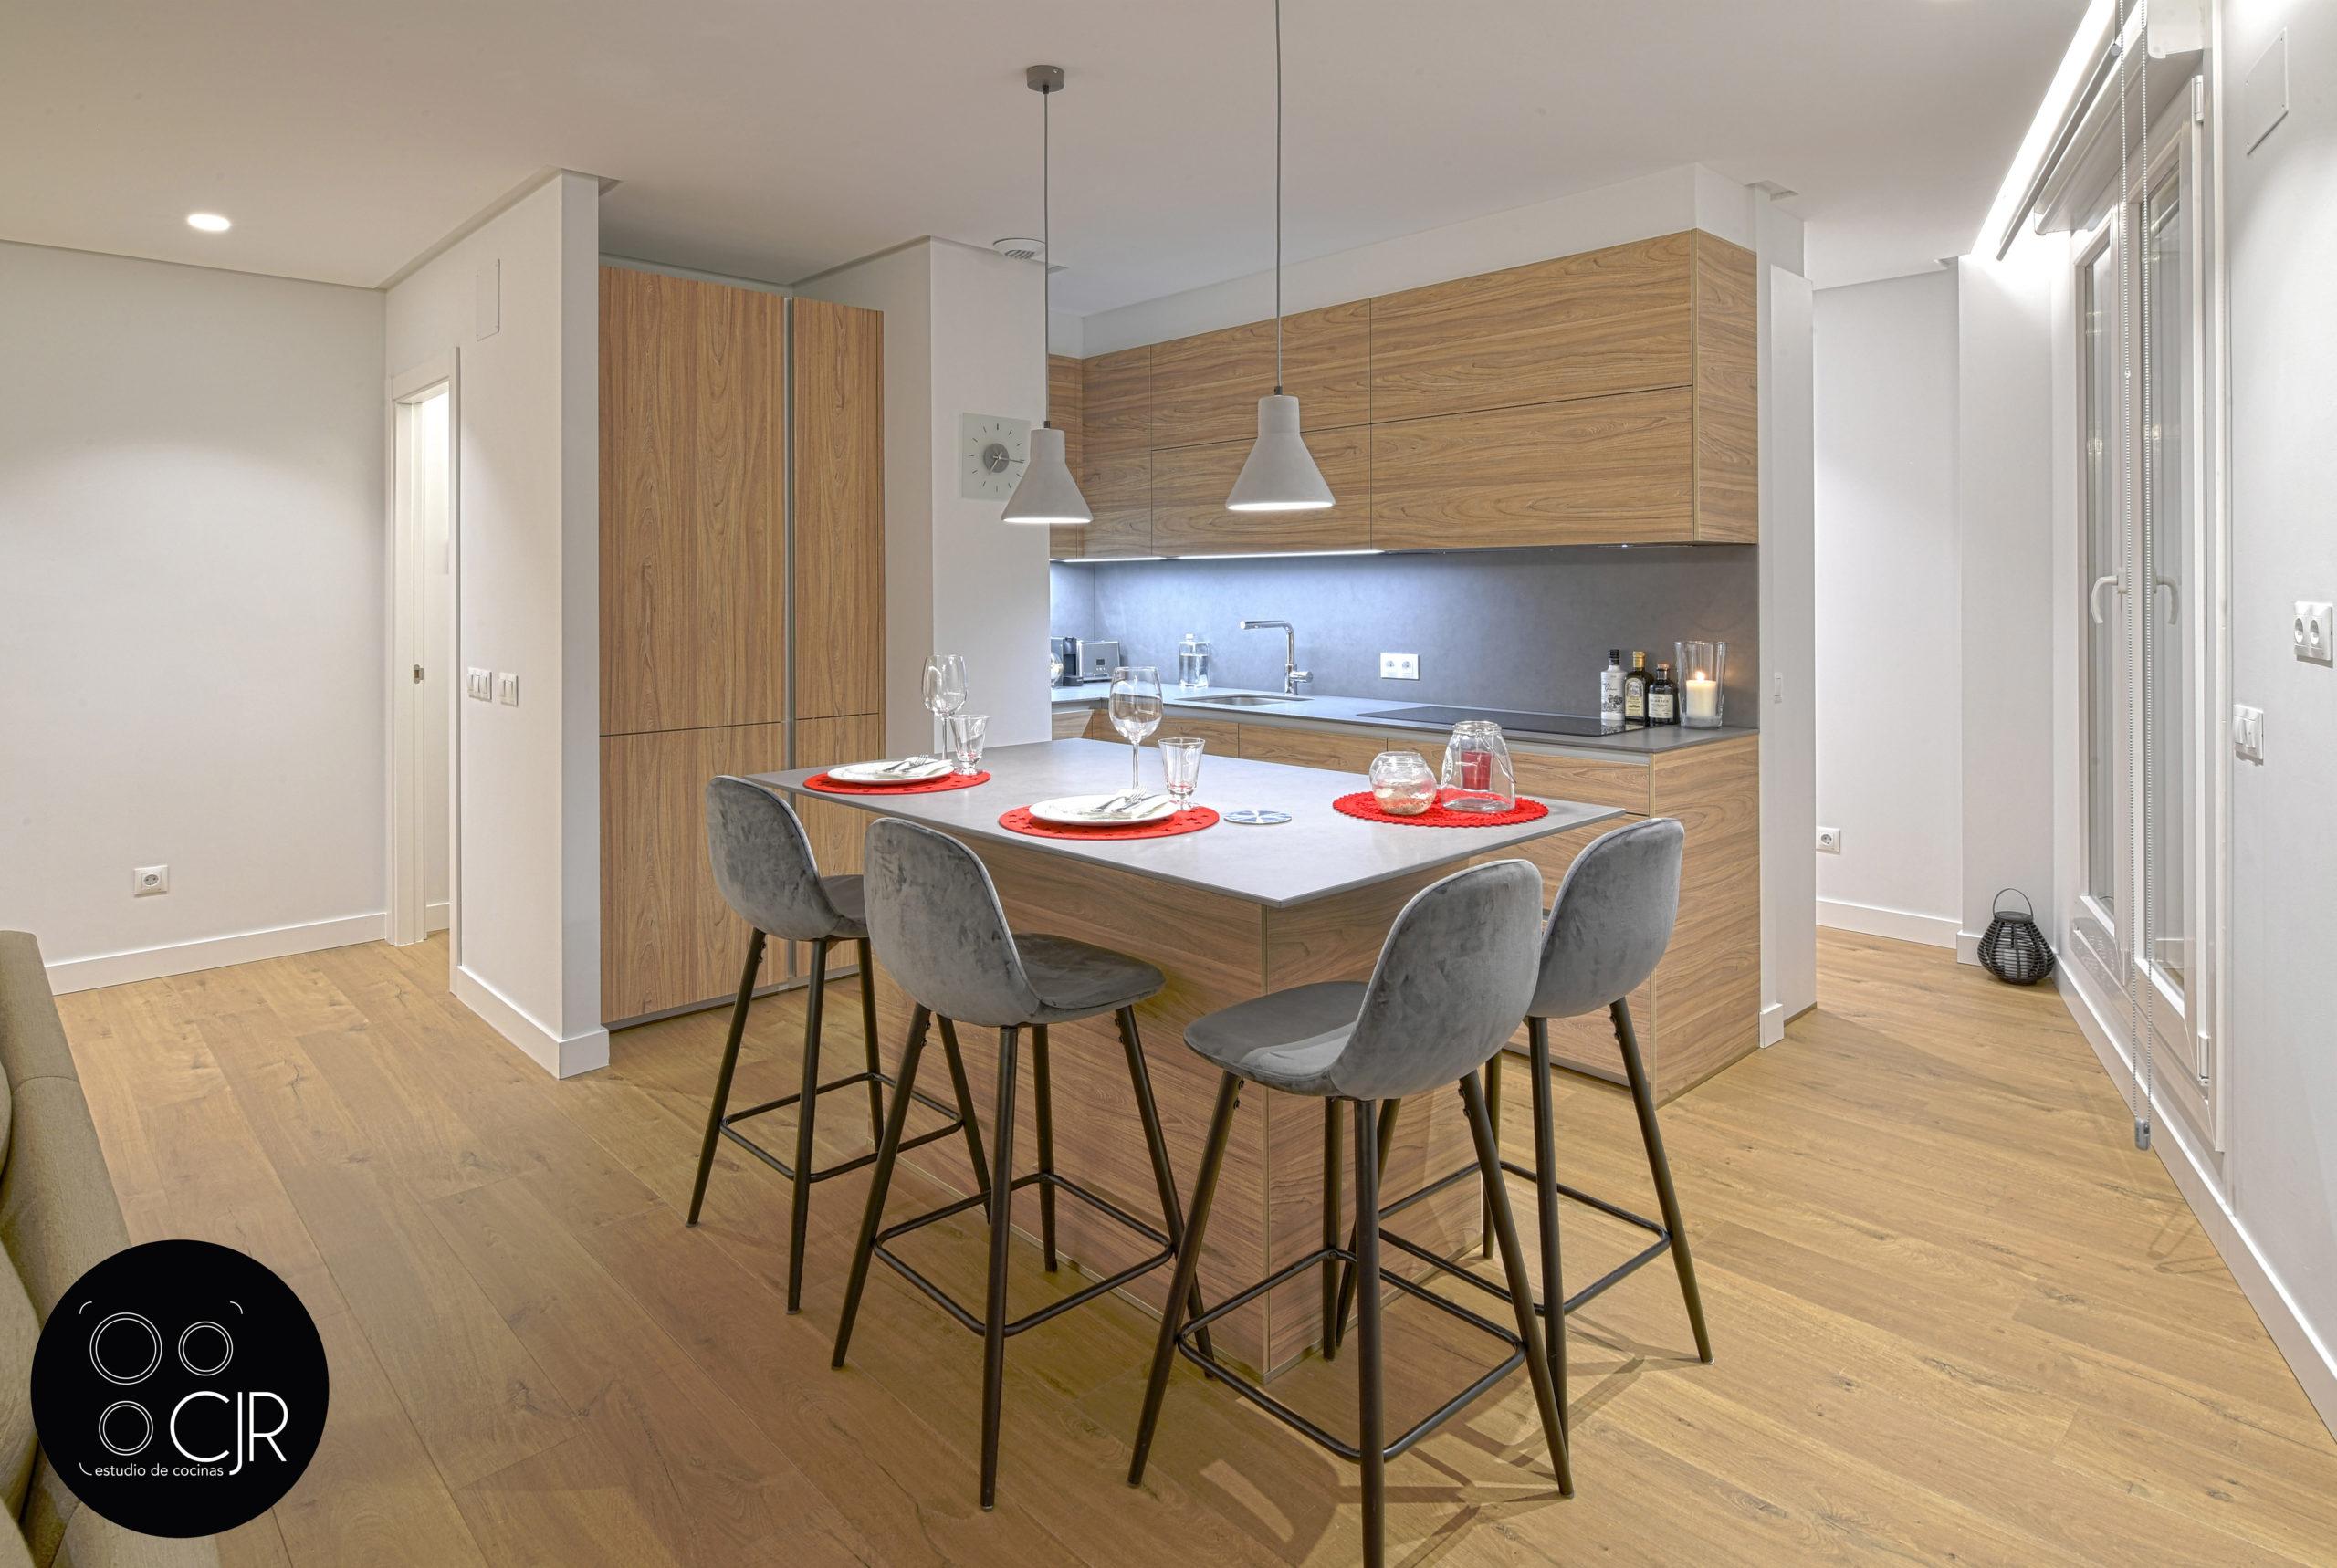 Cocina isla con sillas en madera y gris